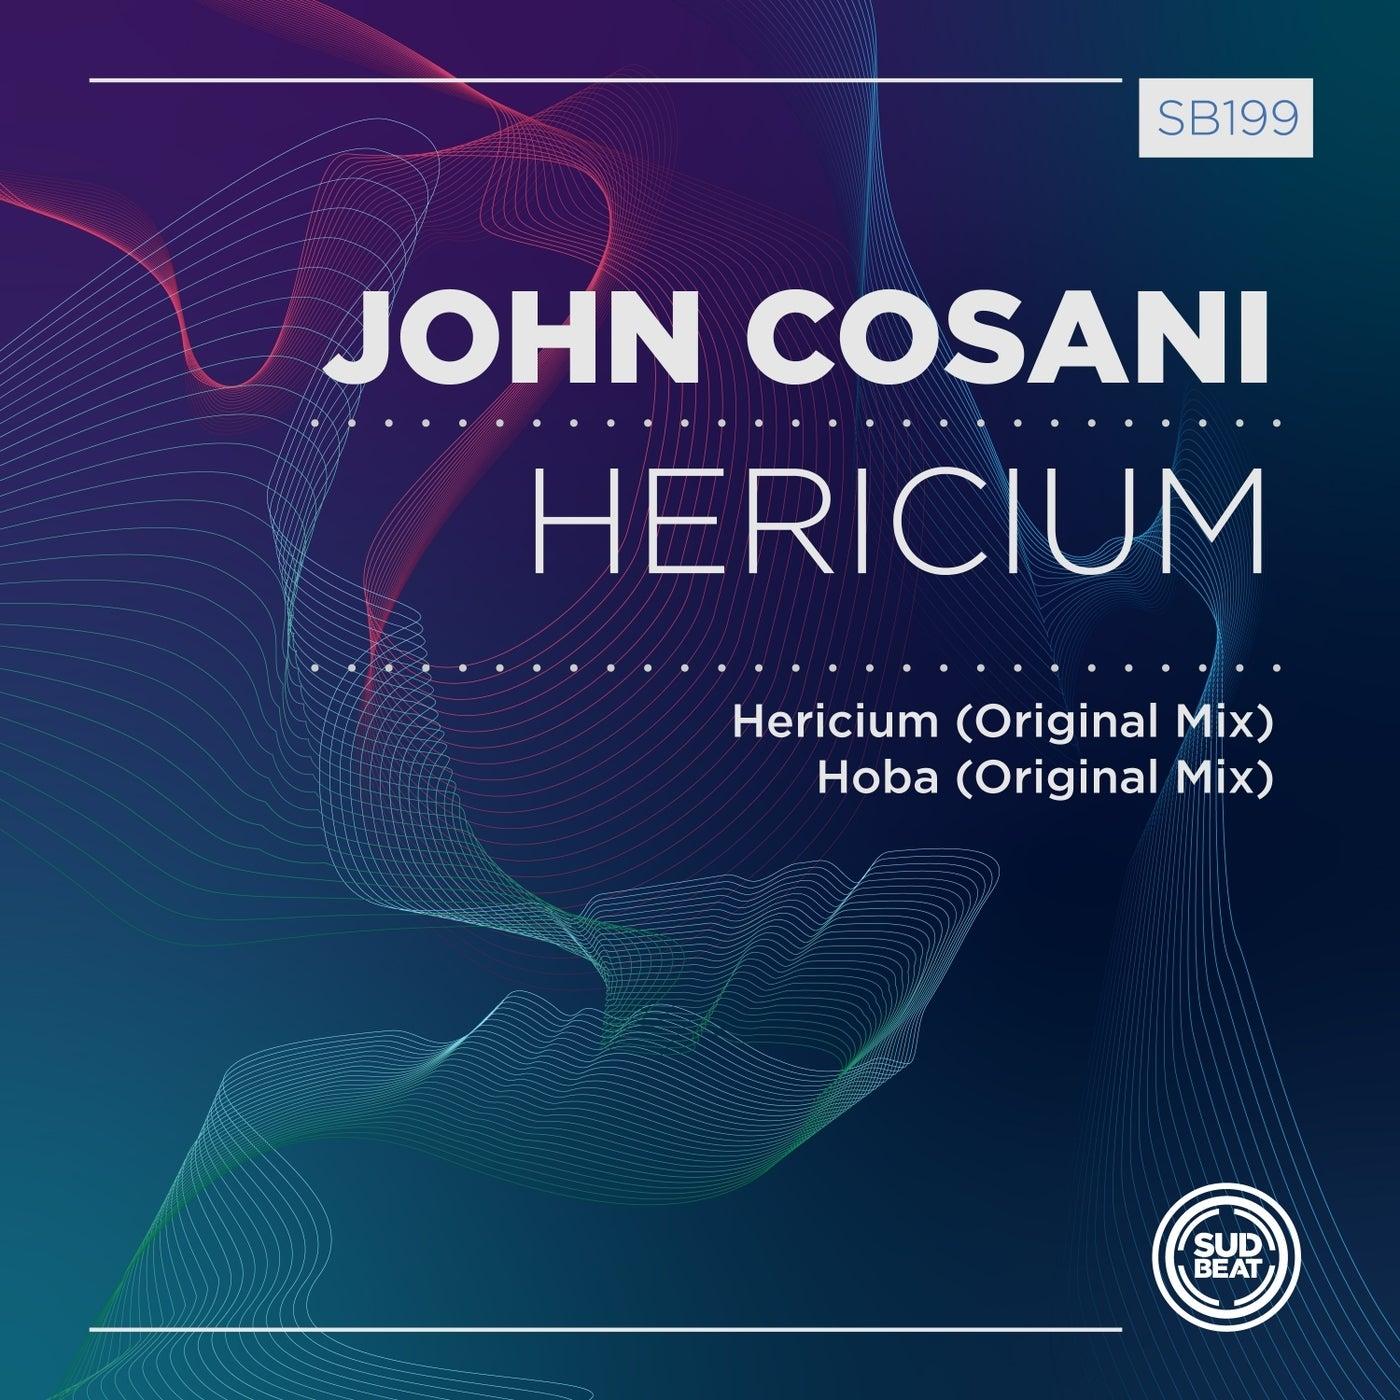 Hericium (Original Mix)